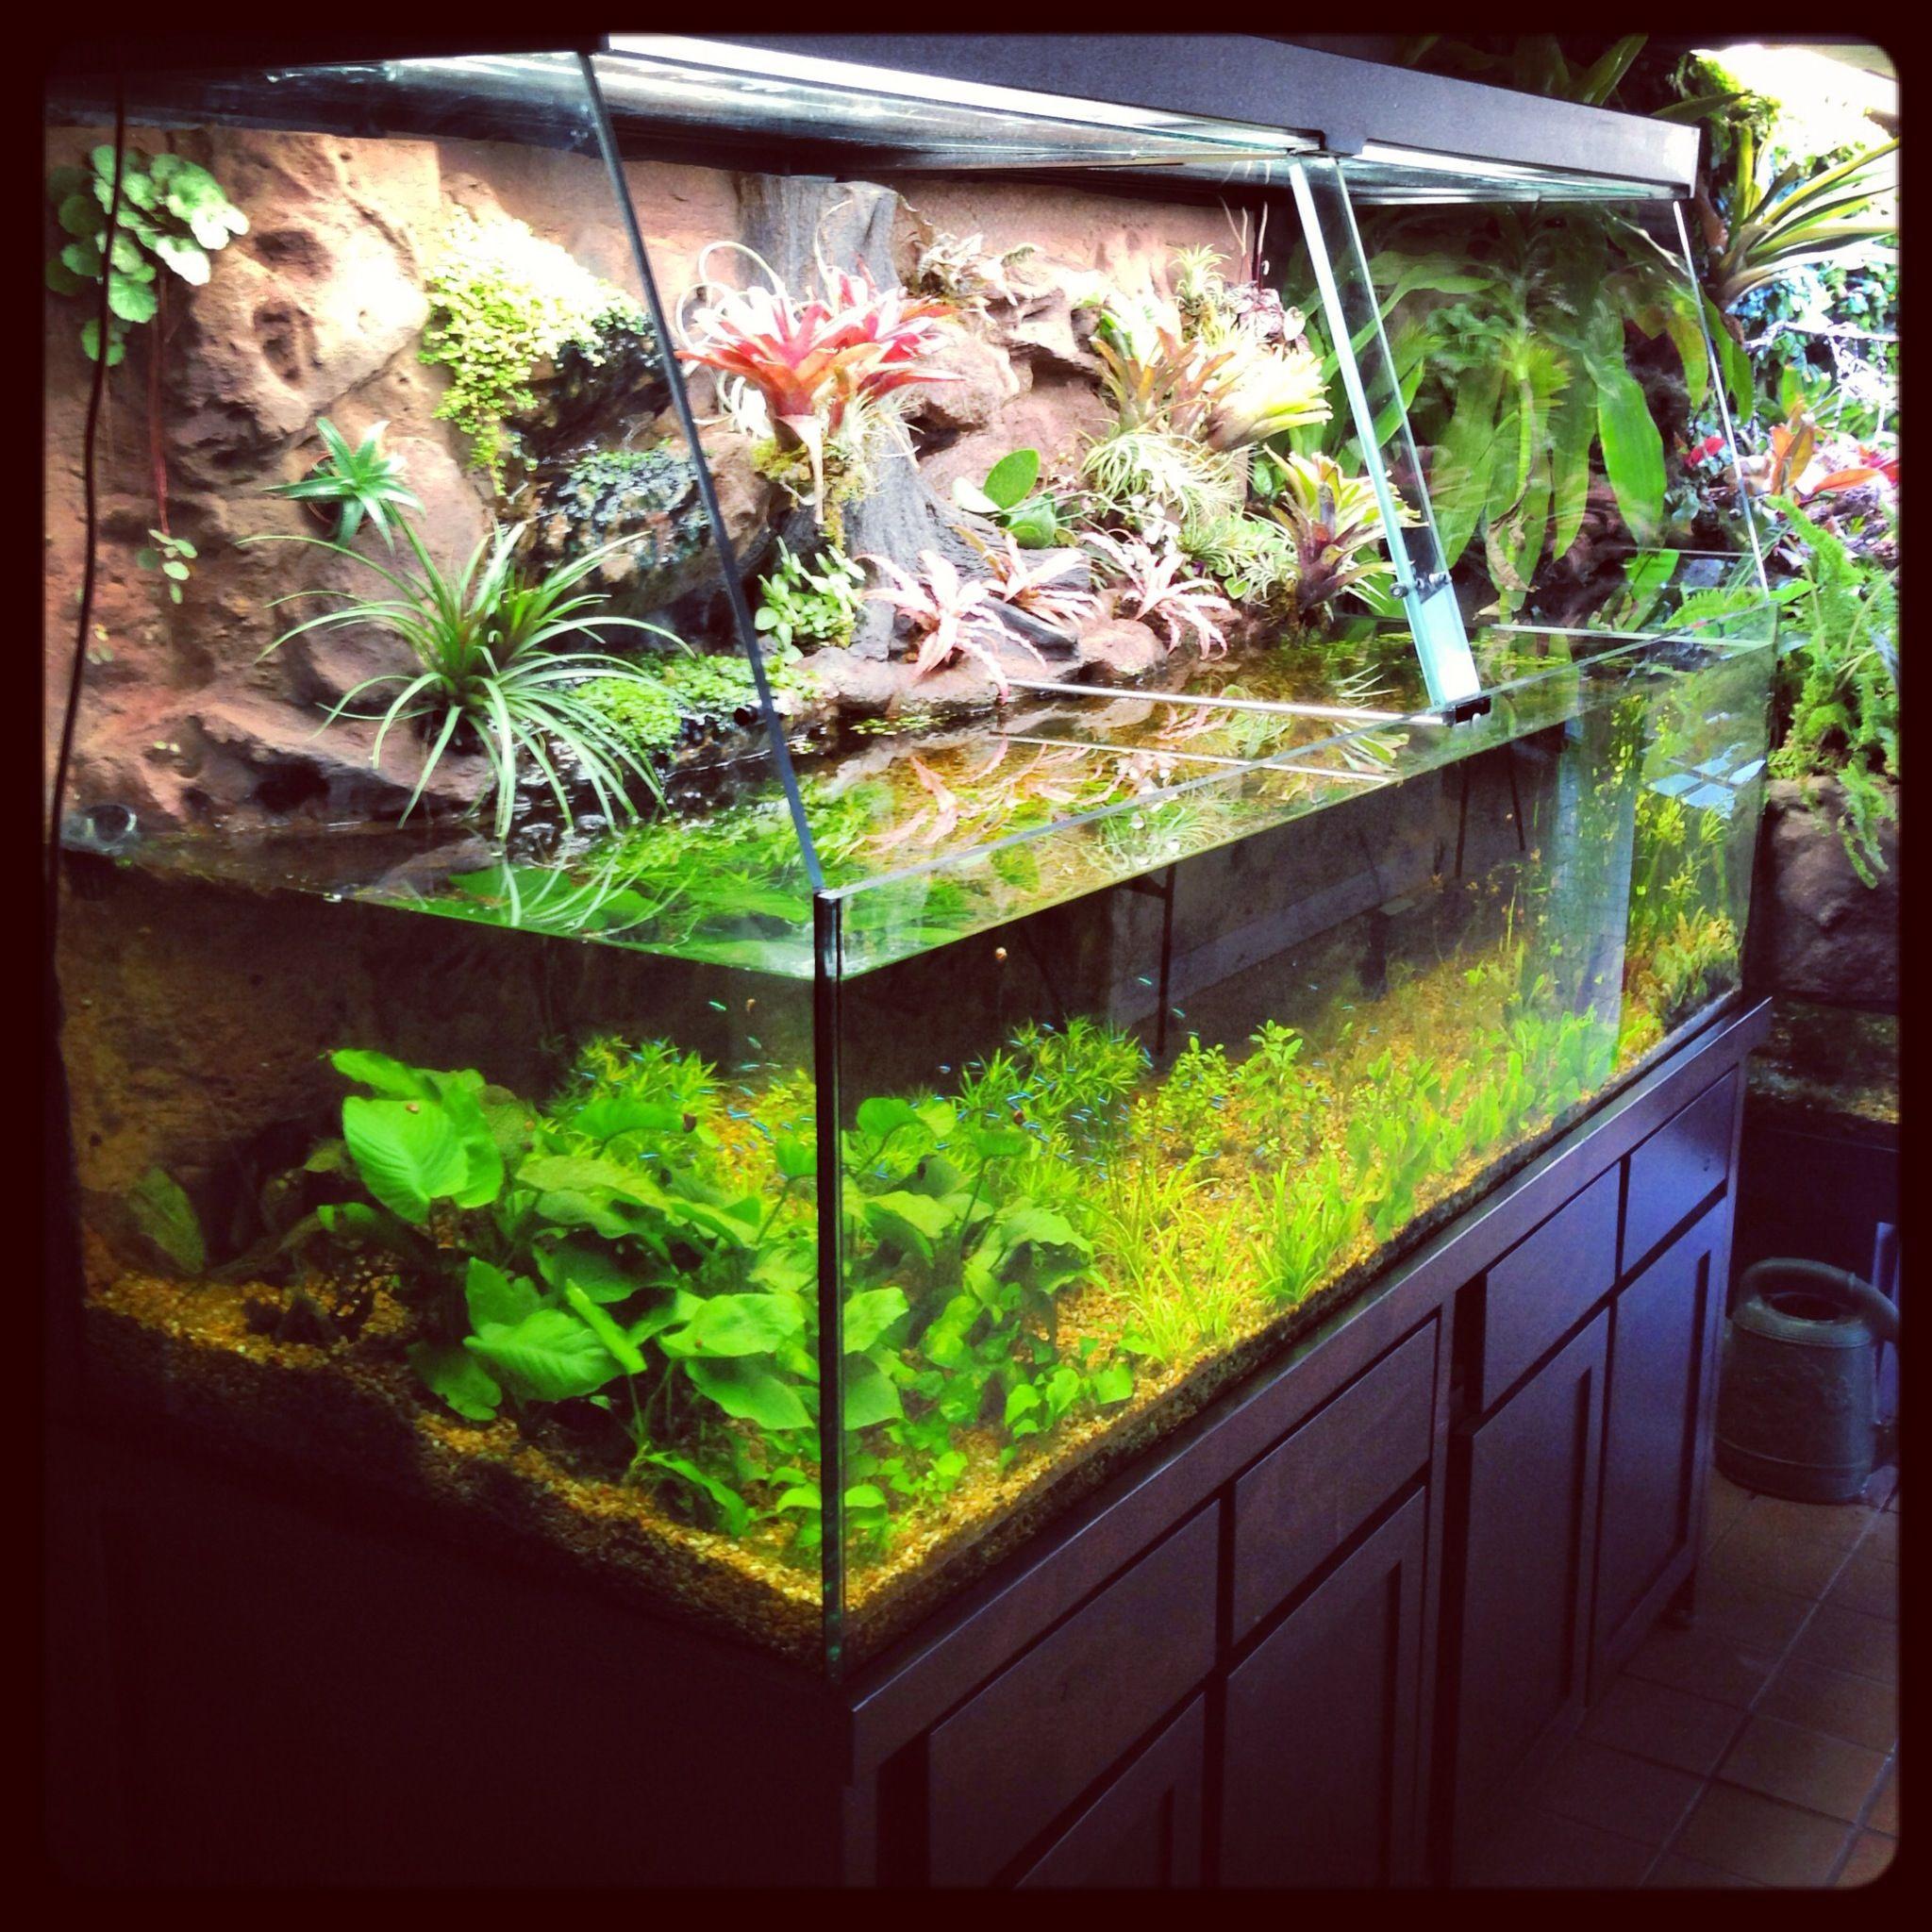 Aquaplantarium - Tropical Oasis Aquarium Paludarium Water-garden Vivarium Mini-pond